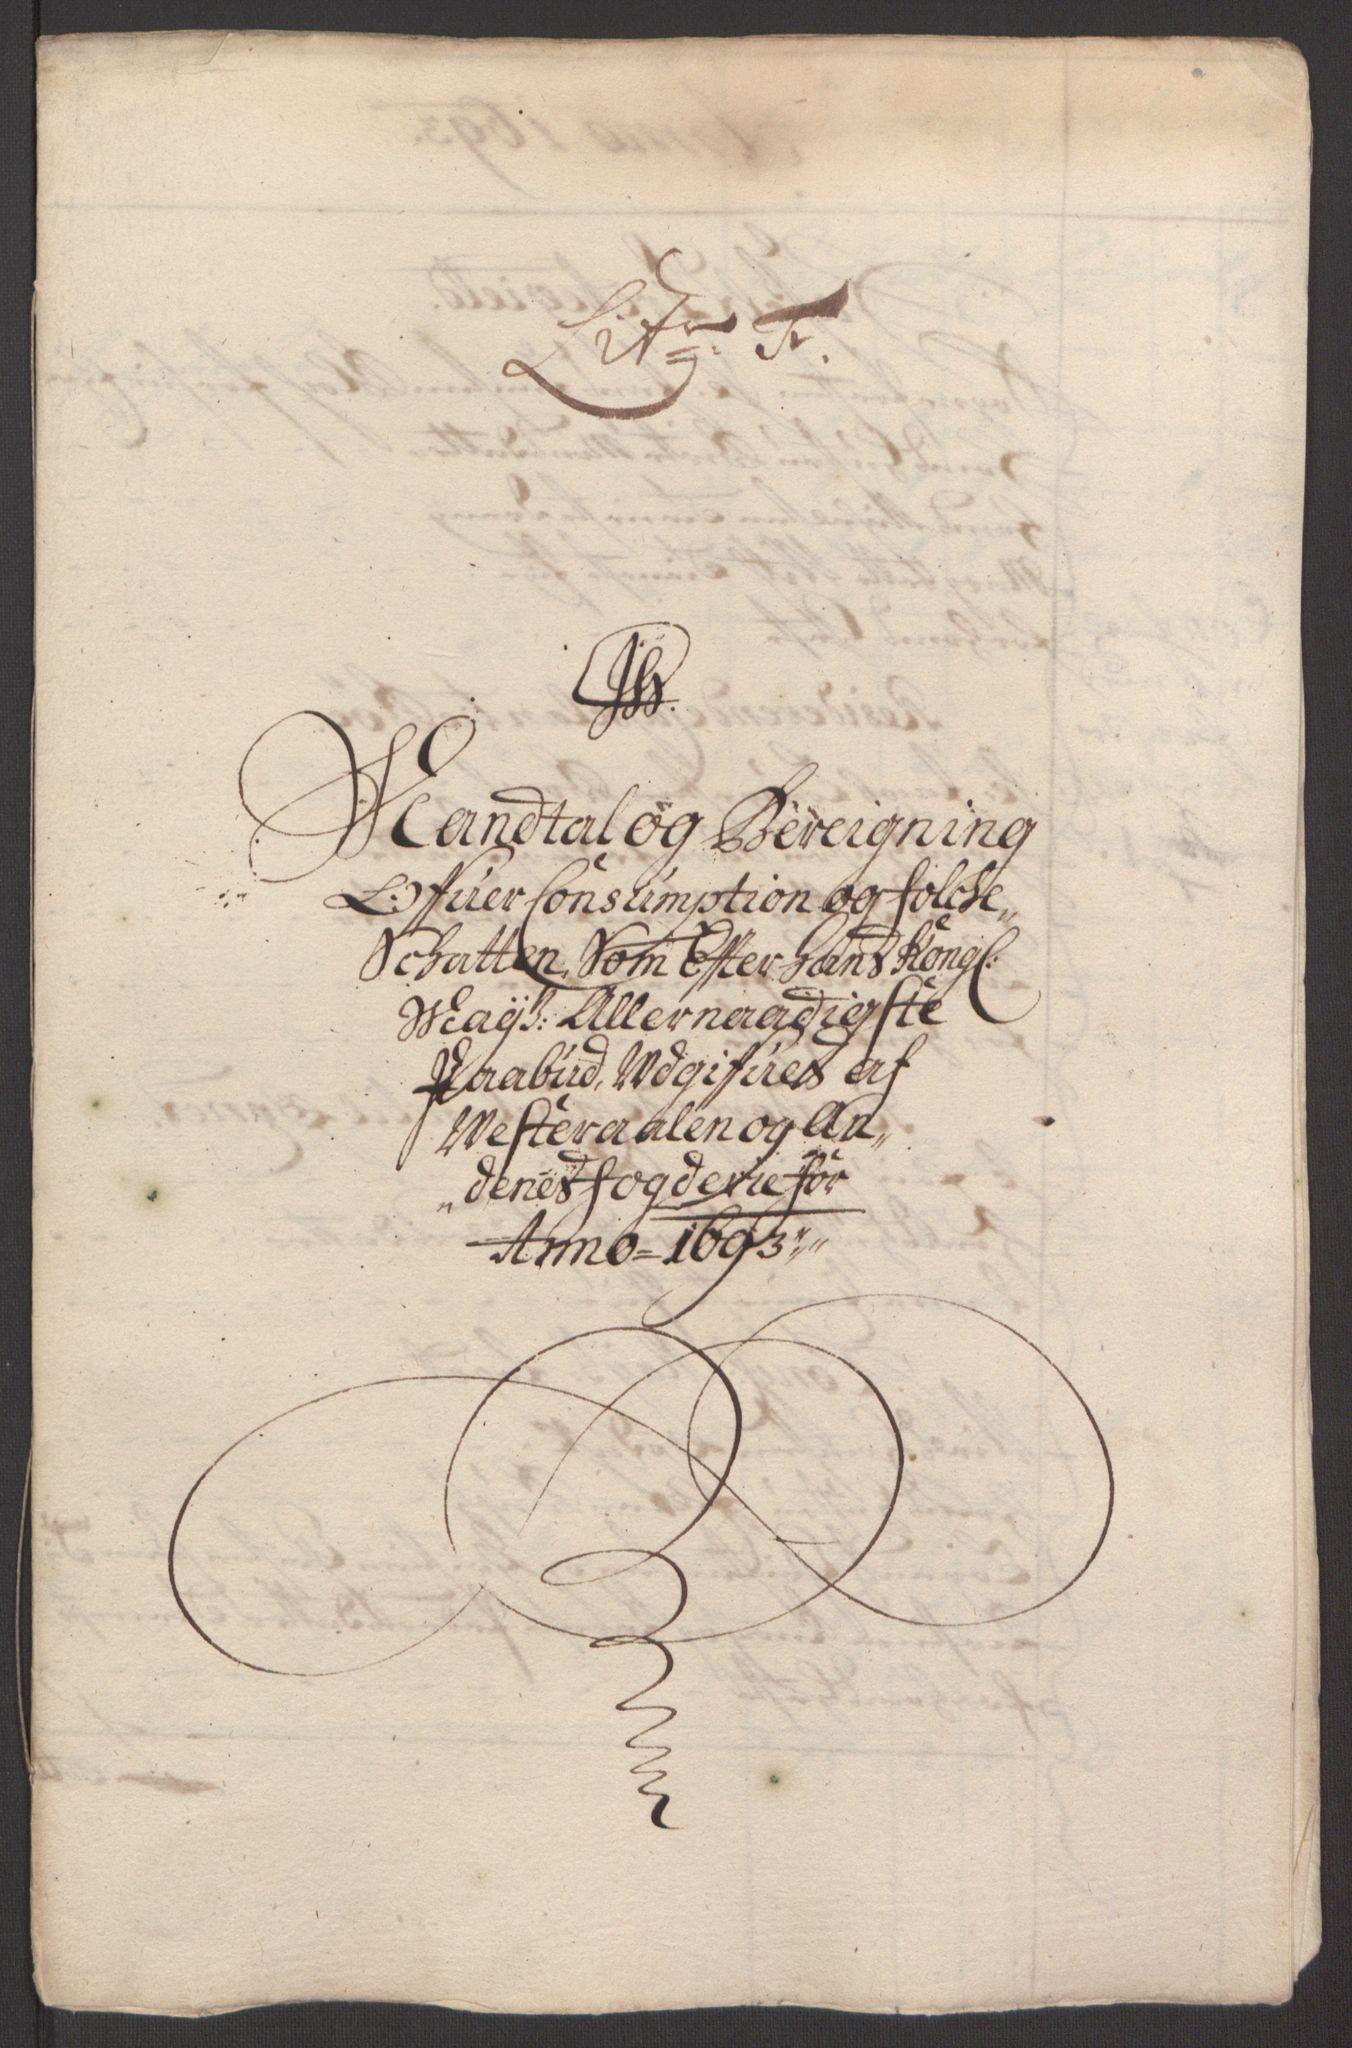 RA, Rentekammeret inntil 1814, Reviderte regnskaper, Fogderegnskap, R67/L4676: Fogderegnskap Vesterålen, Andenes og Lofoten, 1691-1693, s. 284